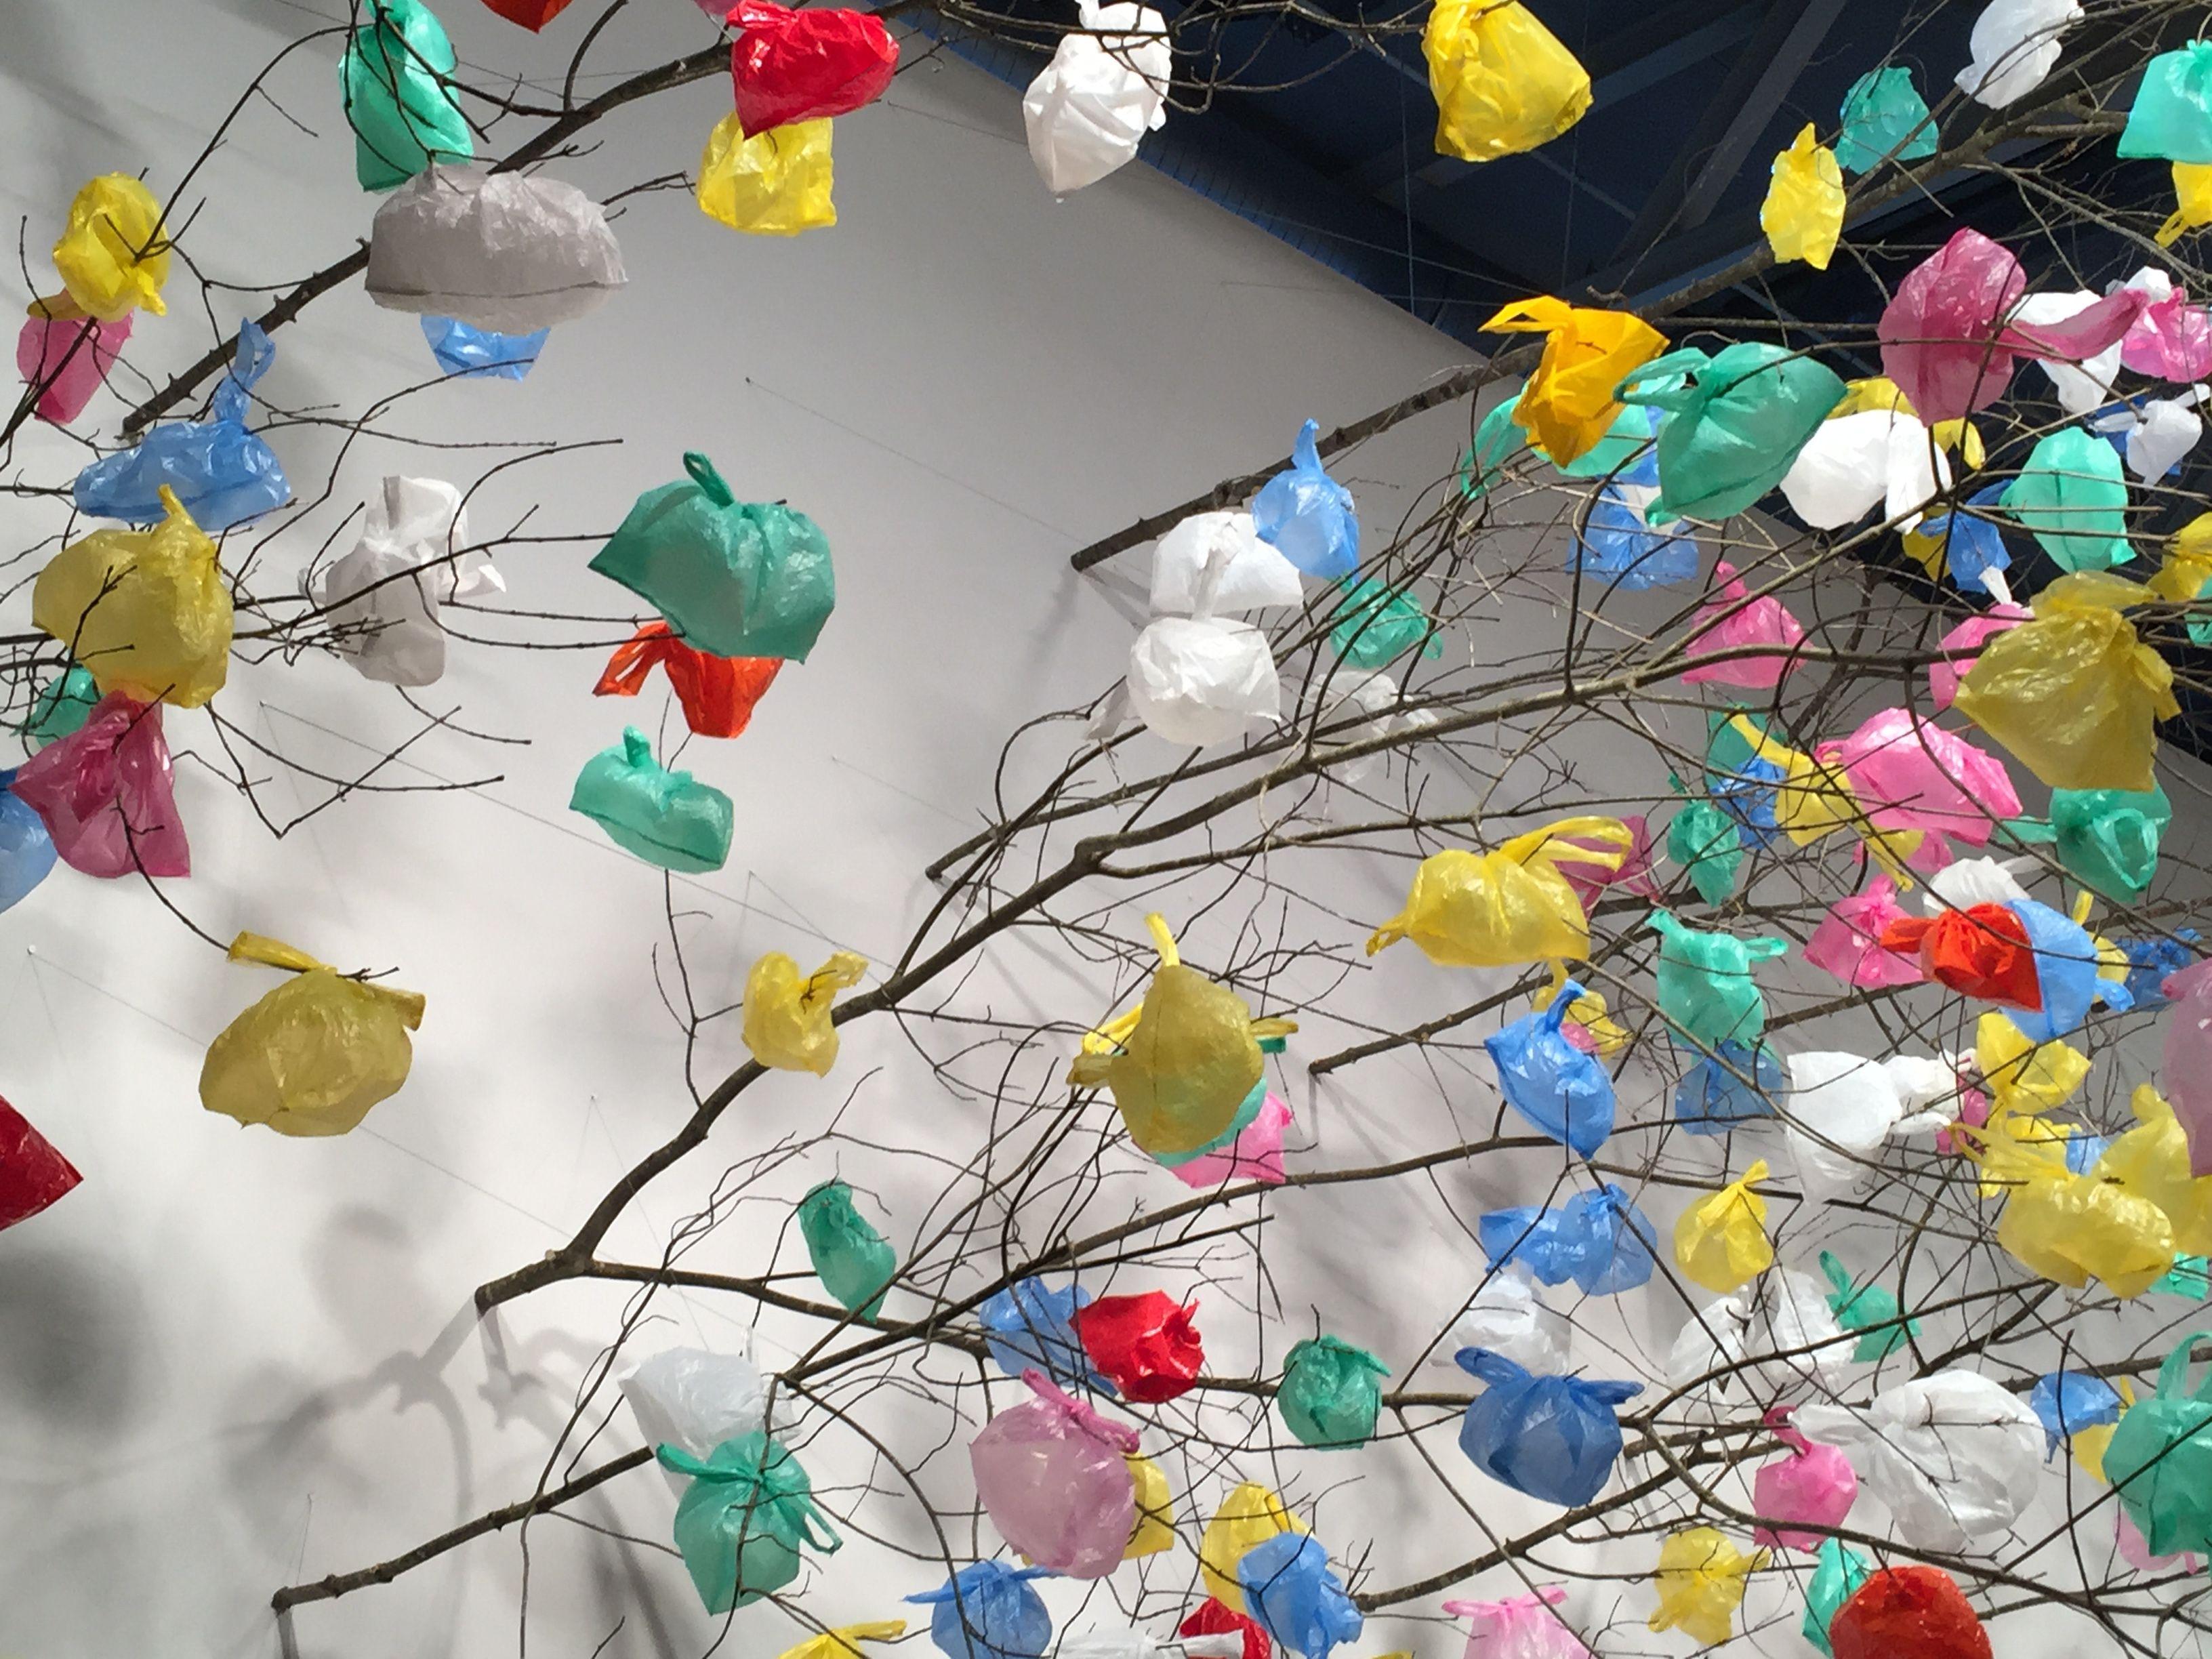 Pascale Marthine Tayou, Plastic Tree, 2014